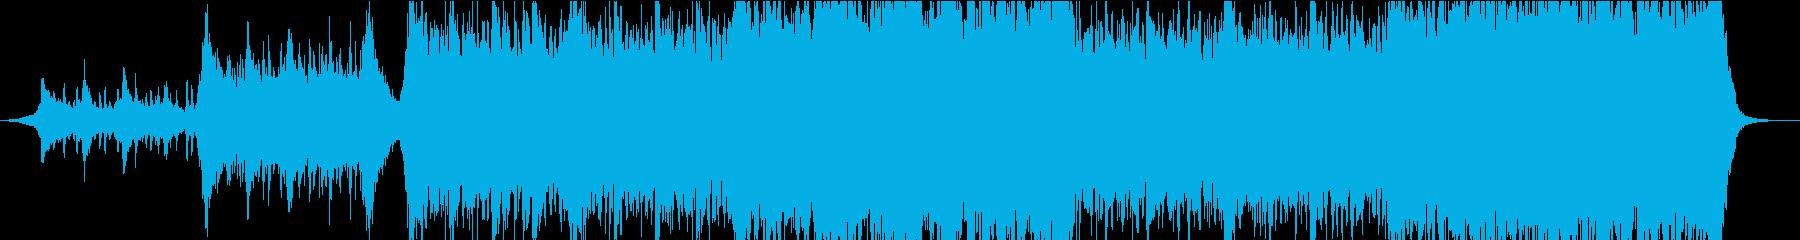 現代的 交響曲 クラシック 感情的...の再生済みの波形